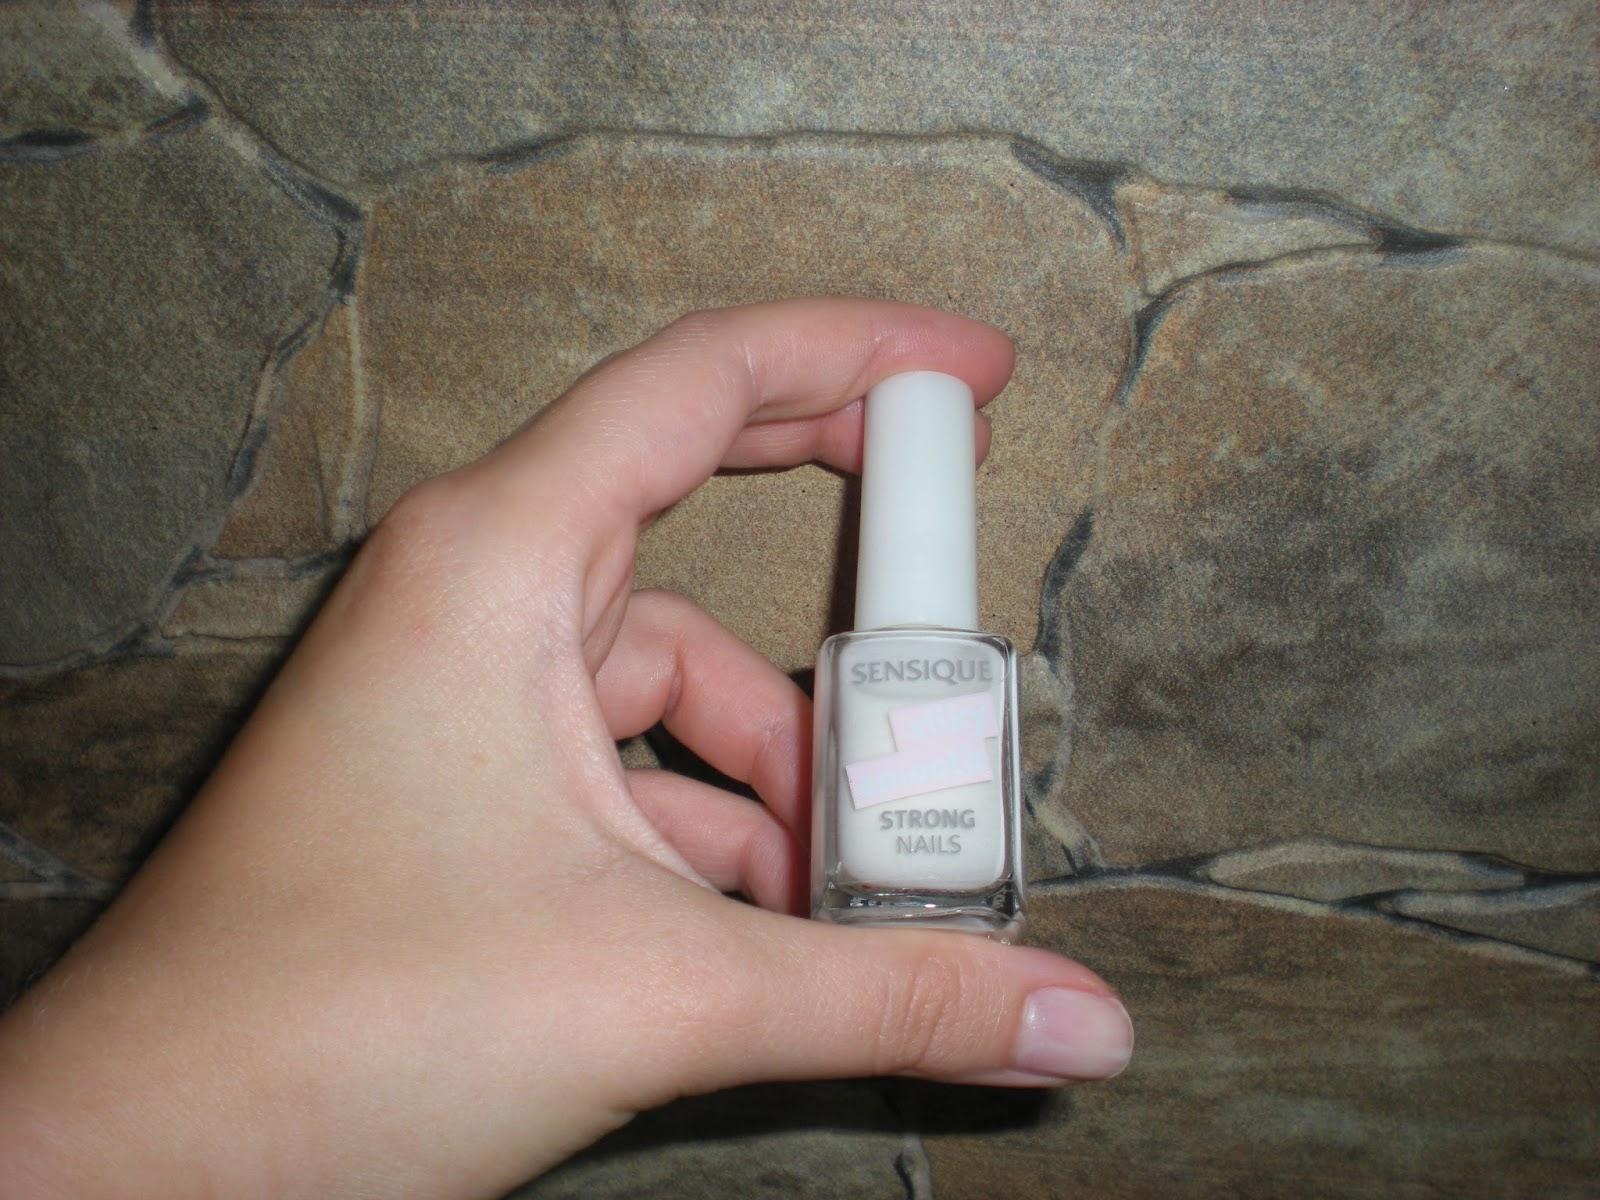 Recenzja odżywki do paznokci Strong Nails Sensique